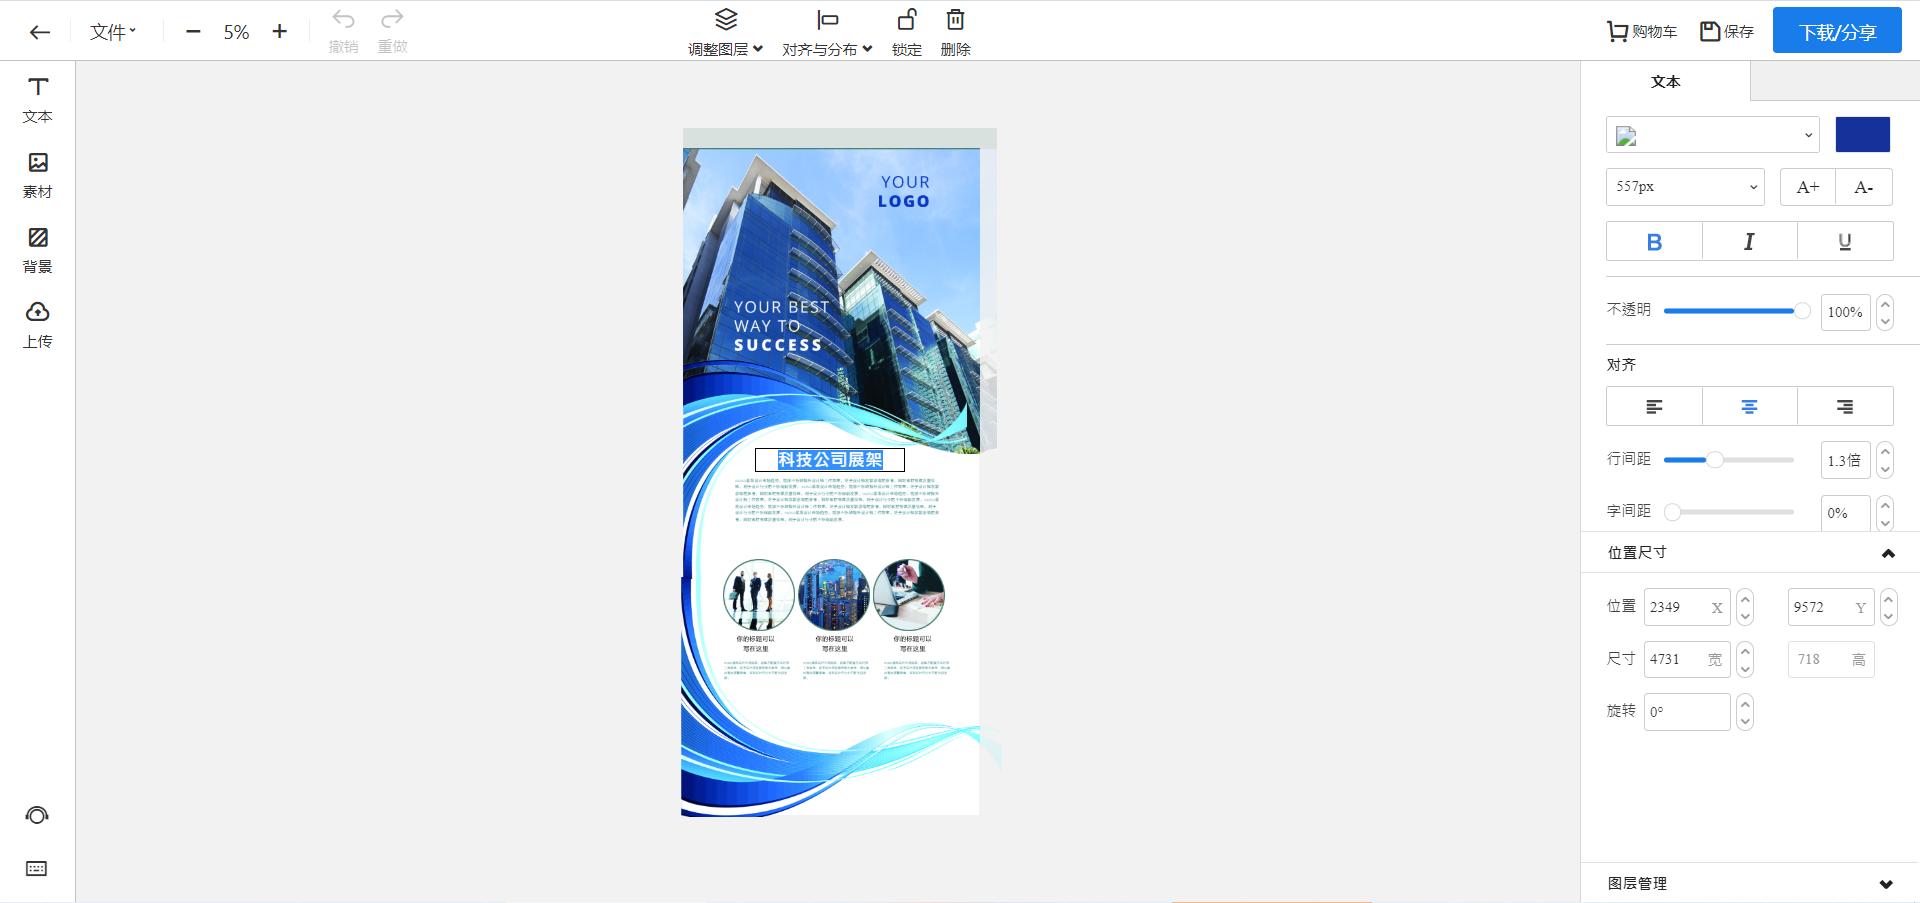 实用易拉宝设计工具推荐 提升企业形象的捷径